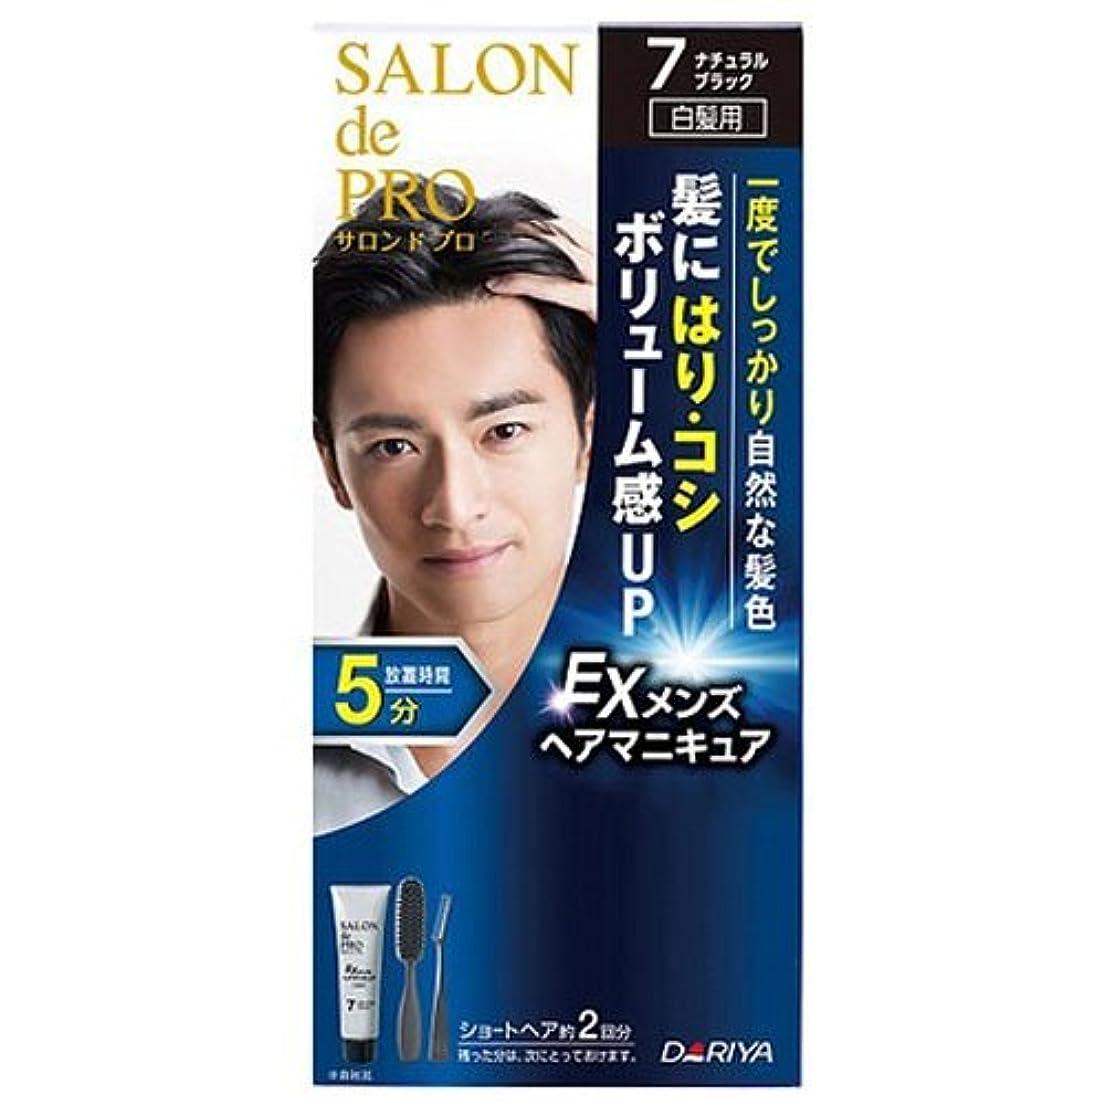 コテージゴム破壊するサロンドプロ EXメンズヘアマニキュア 白髪用 7 ナチュラルブラック